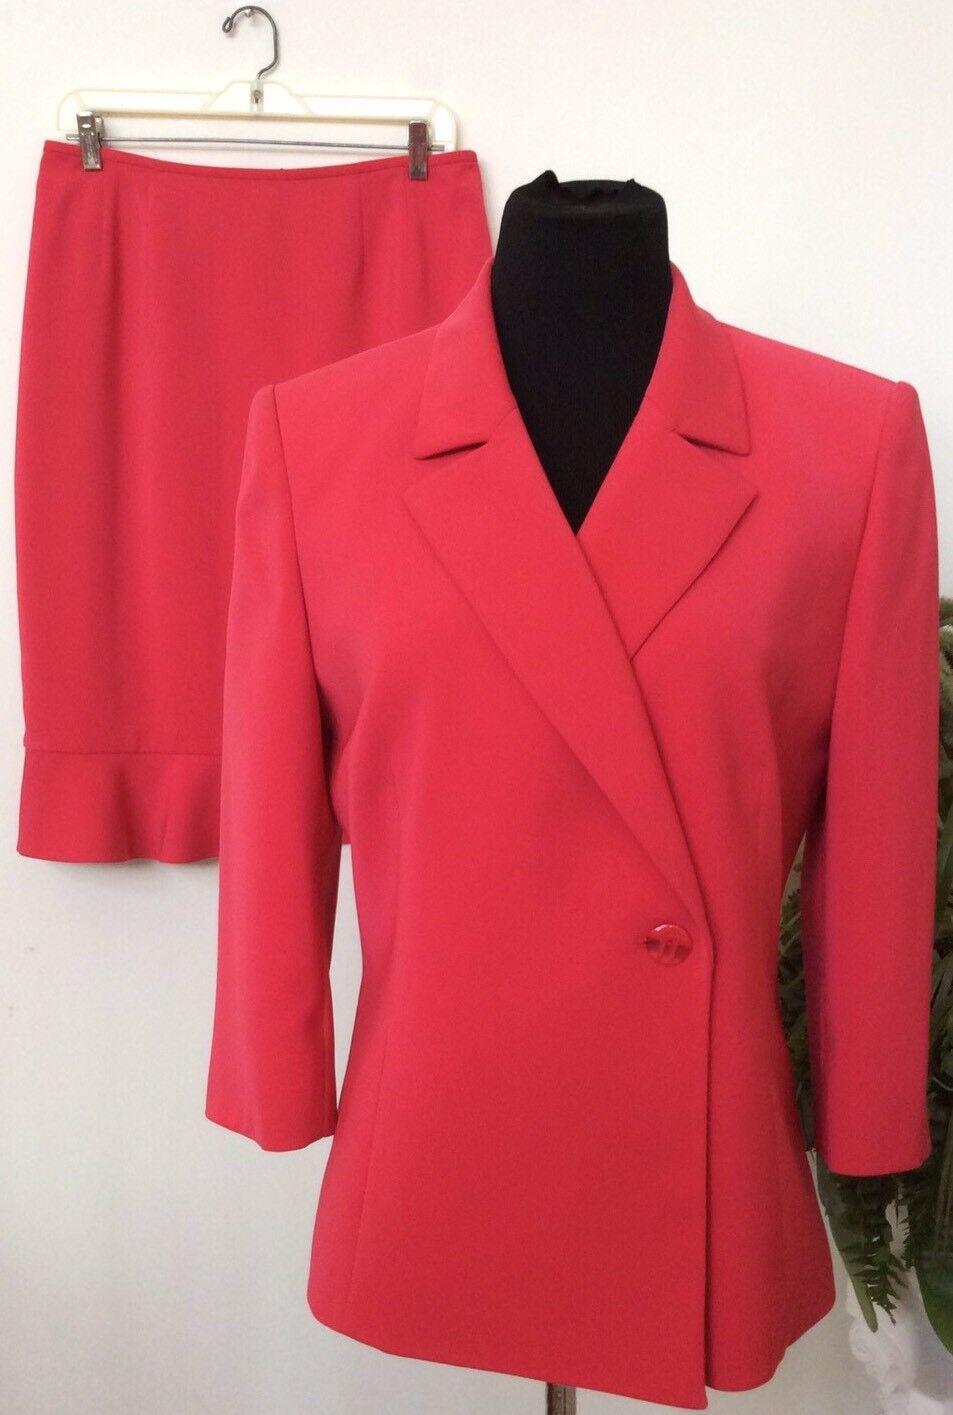 Le Suit Women's Career Pink 100% Polyester 2 Piece Skirt Suit Size 10 EUC